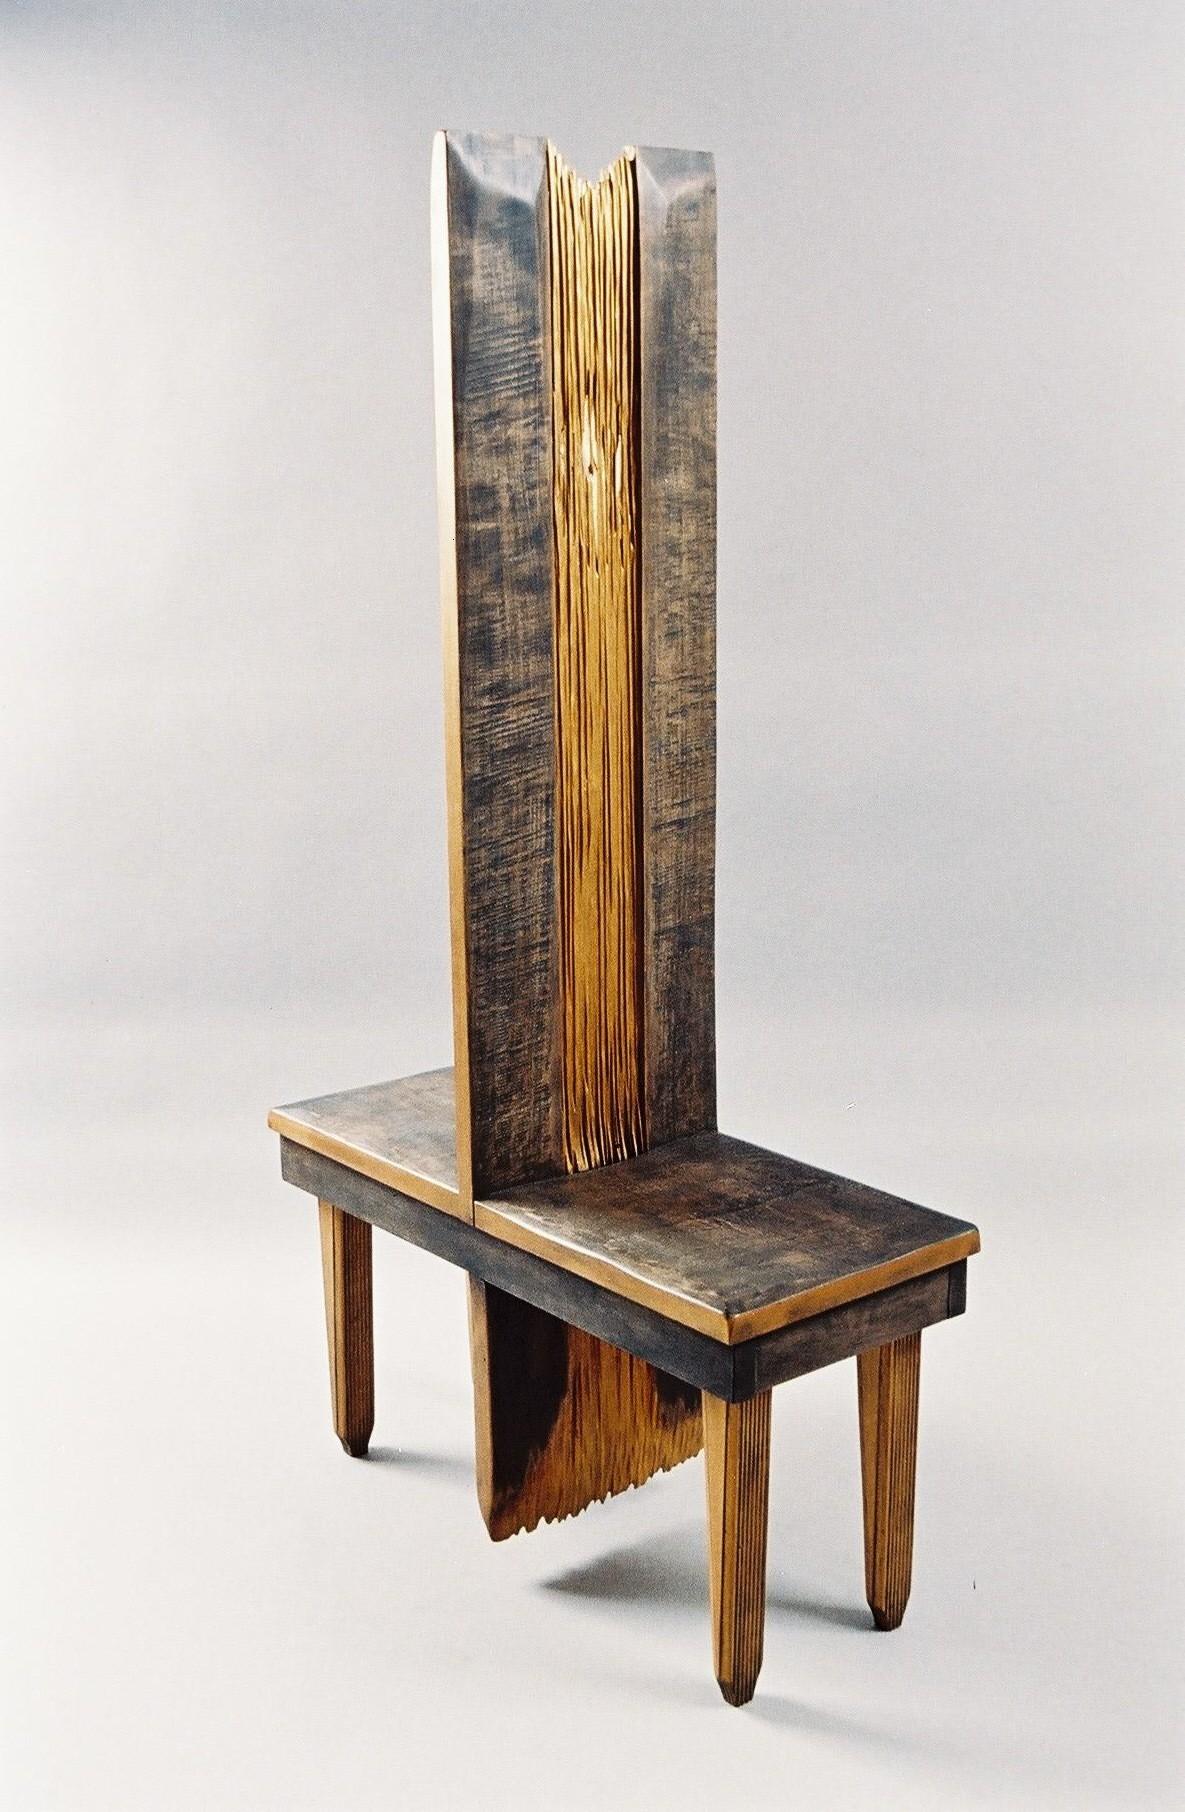 Krzesło podwójne, objekt, rzeżba